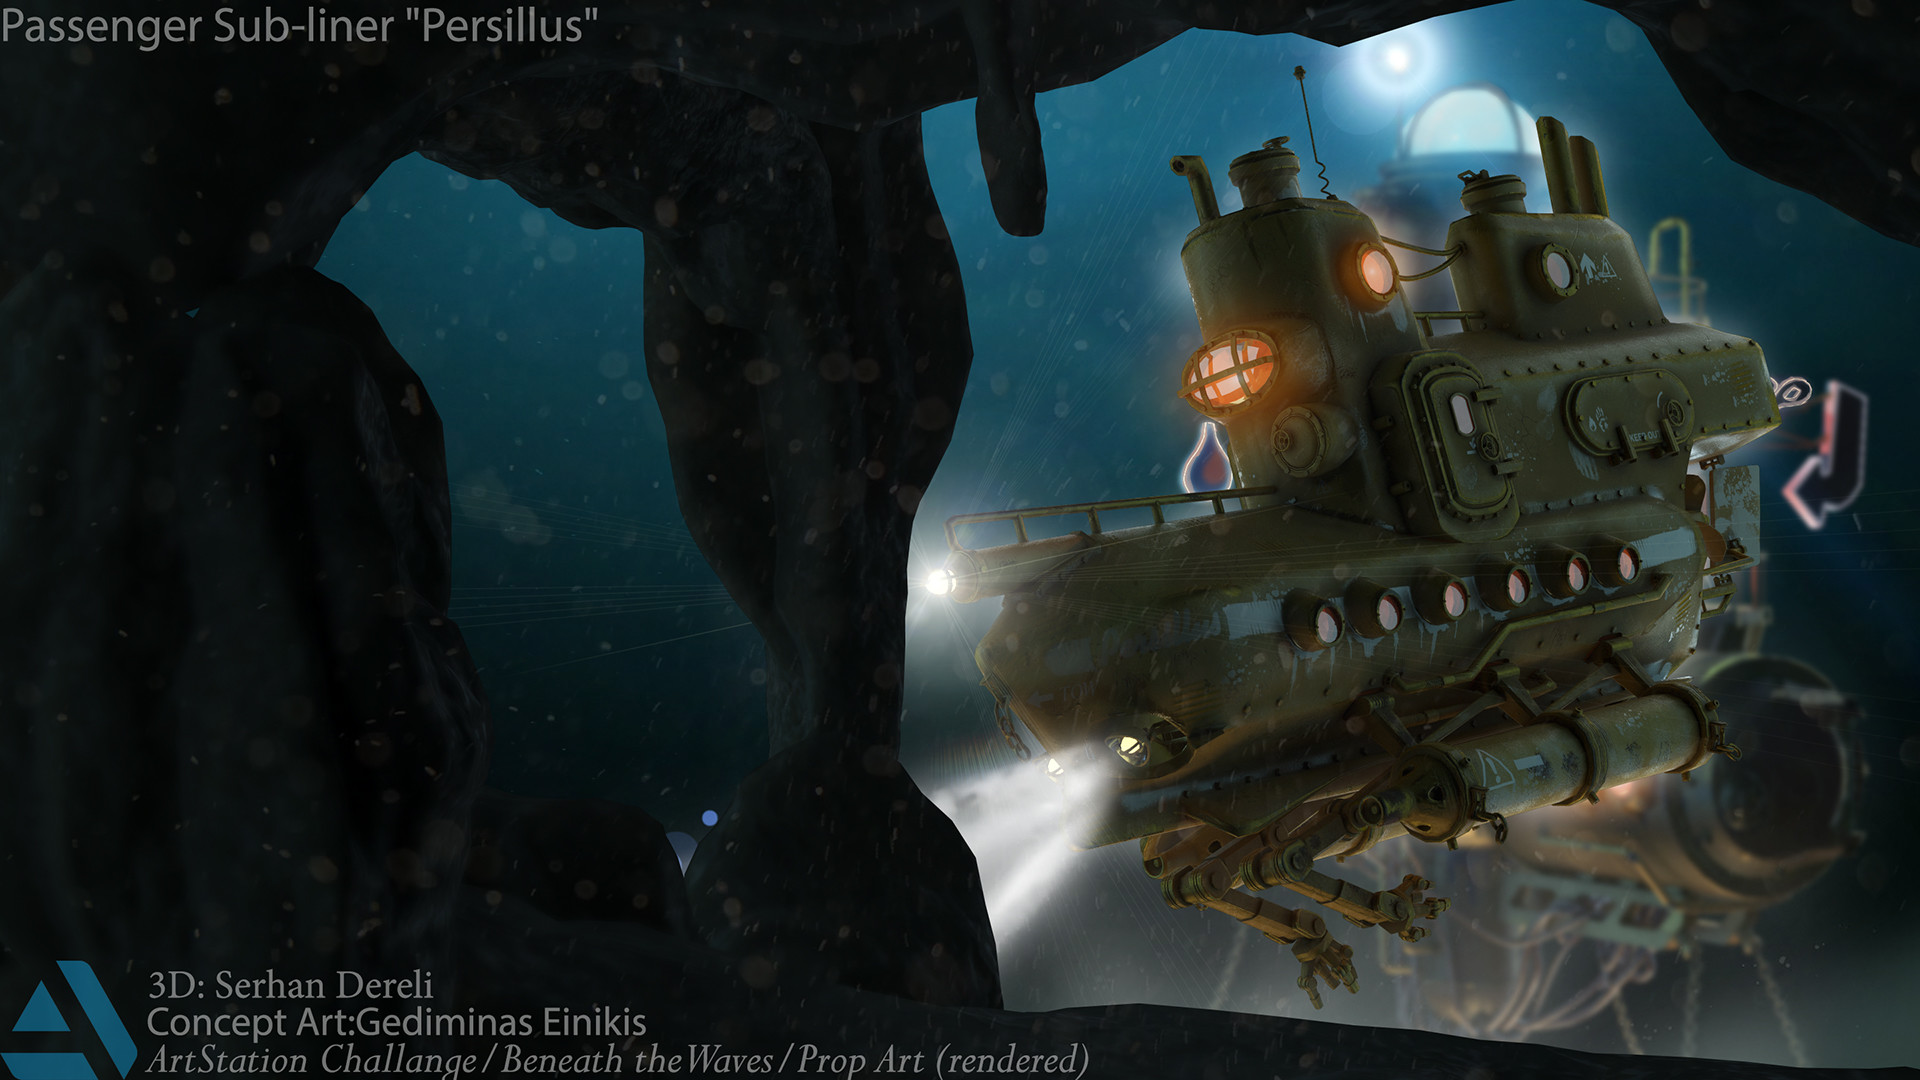 Passenger Sub-liner Persillus